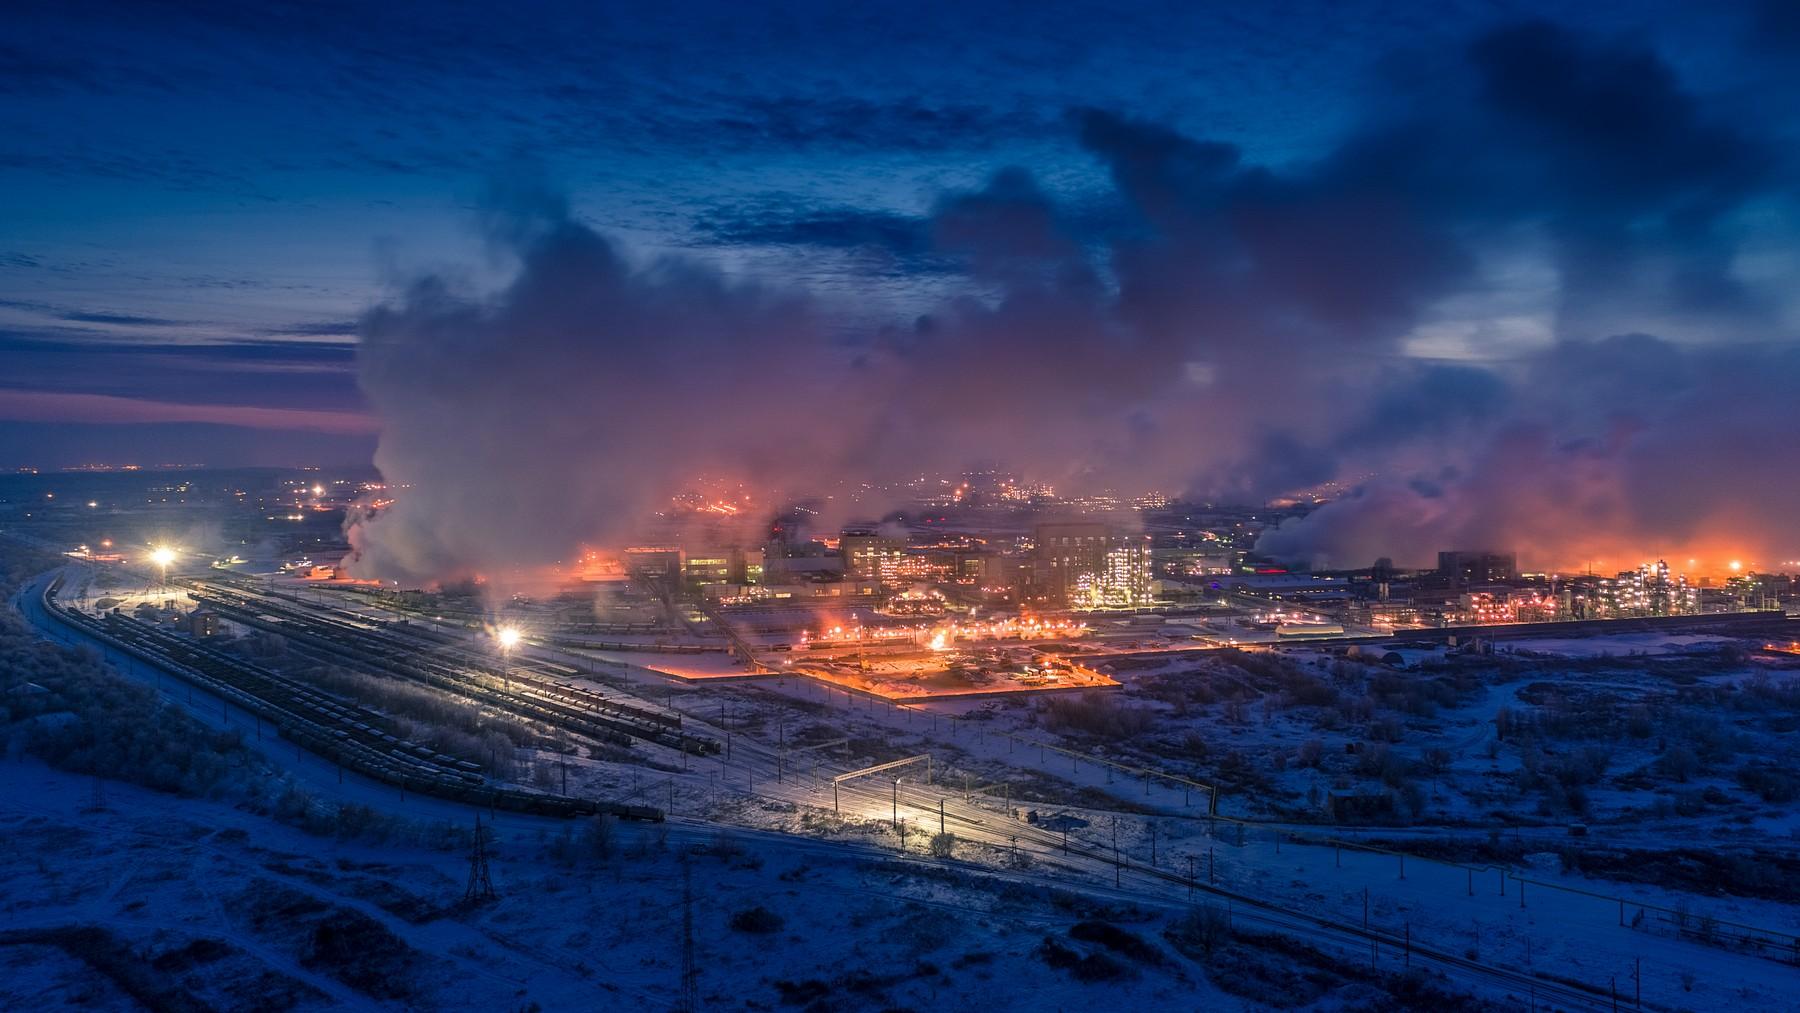 Вечерний Тольятти зимой с высоты. Декабрь 2018. Часть 2 - Комсомольский и Центральный район.